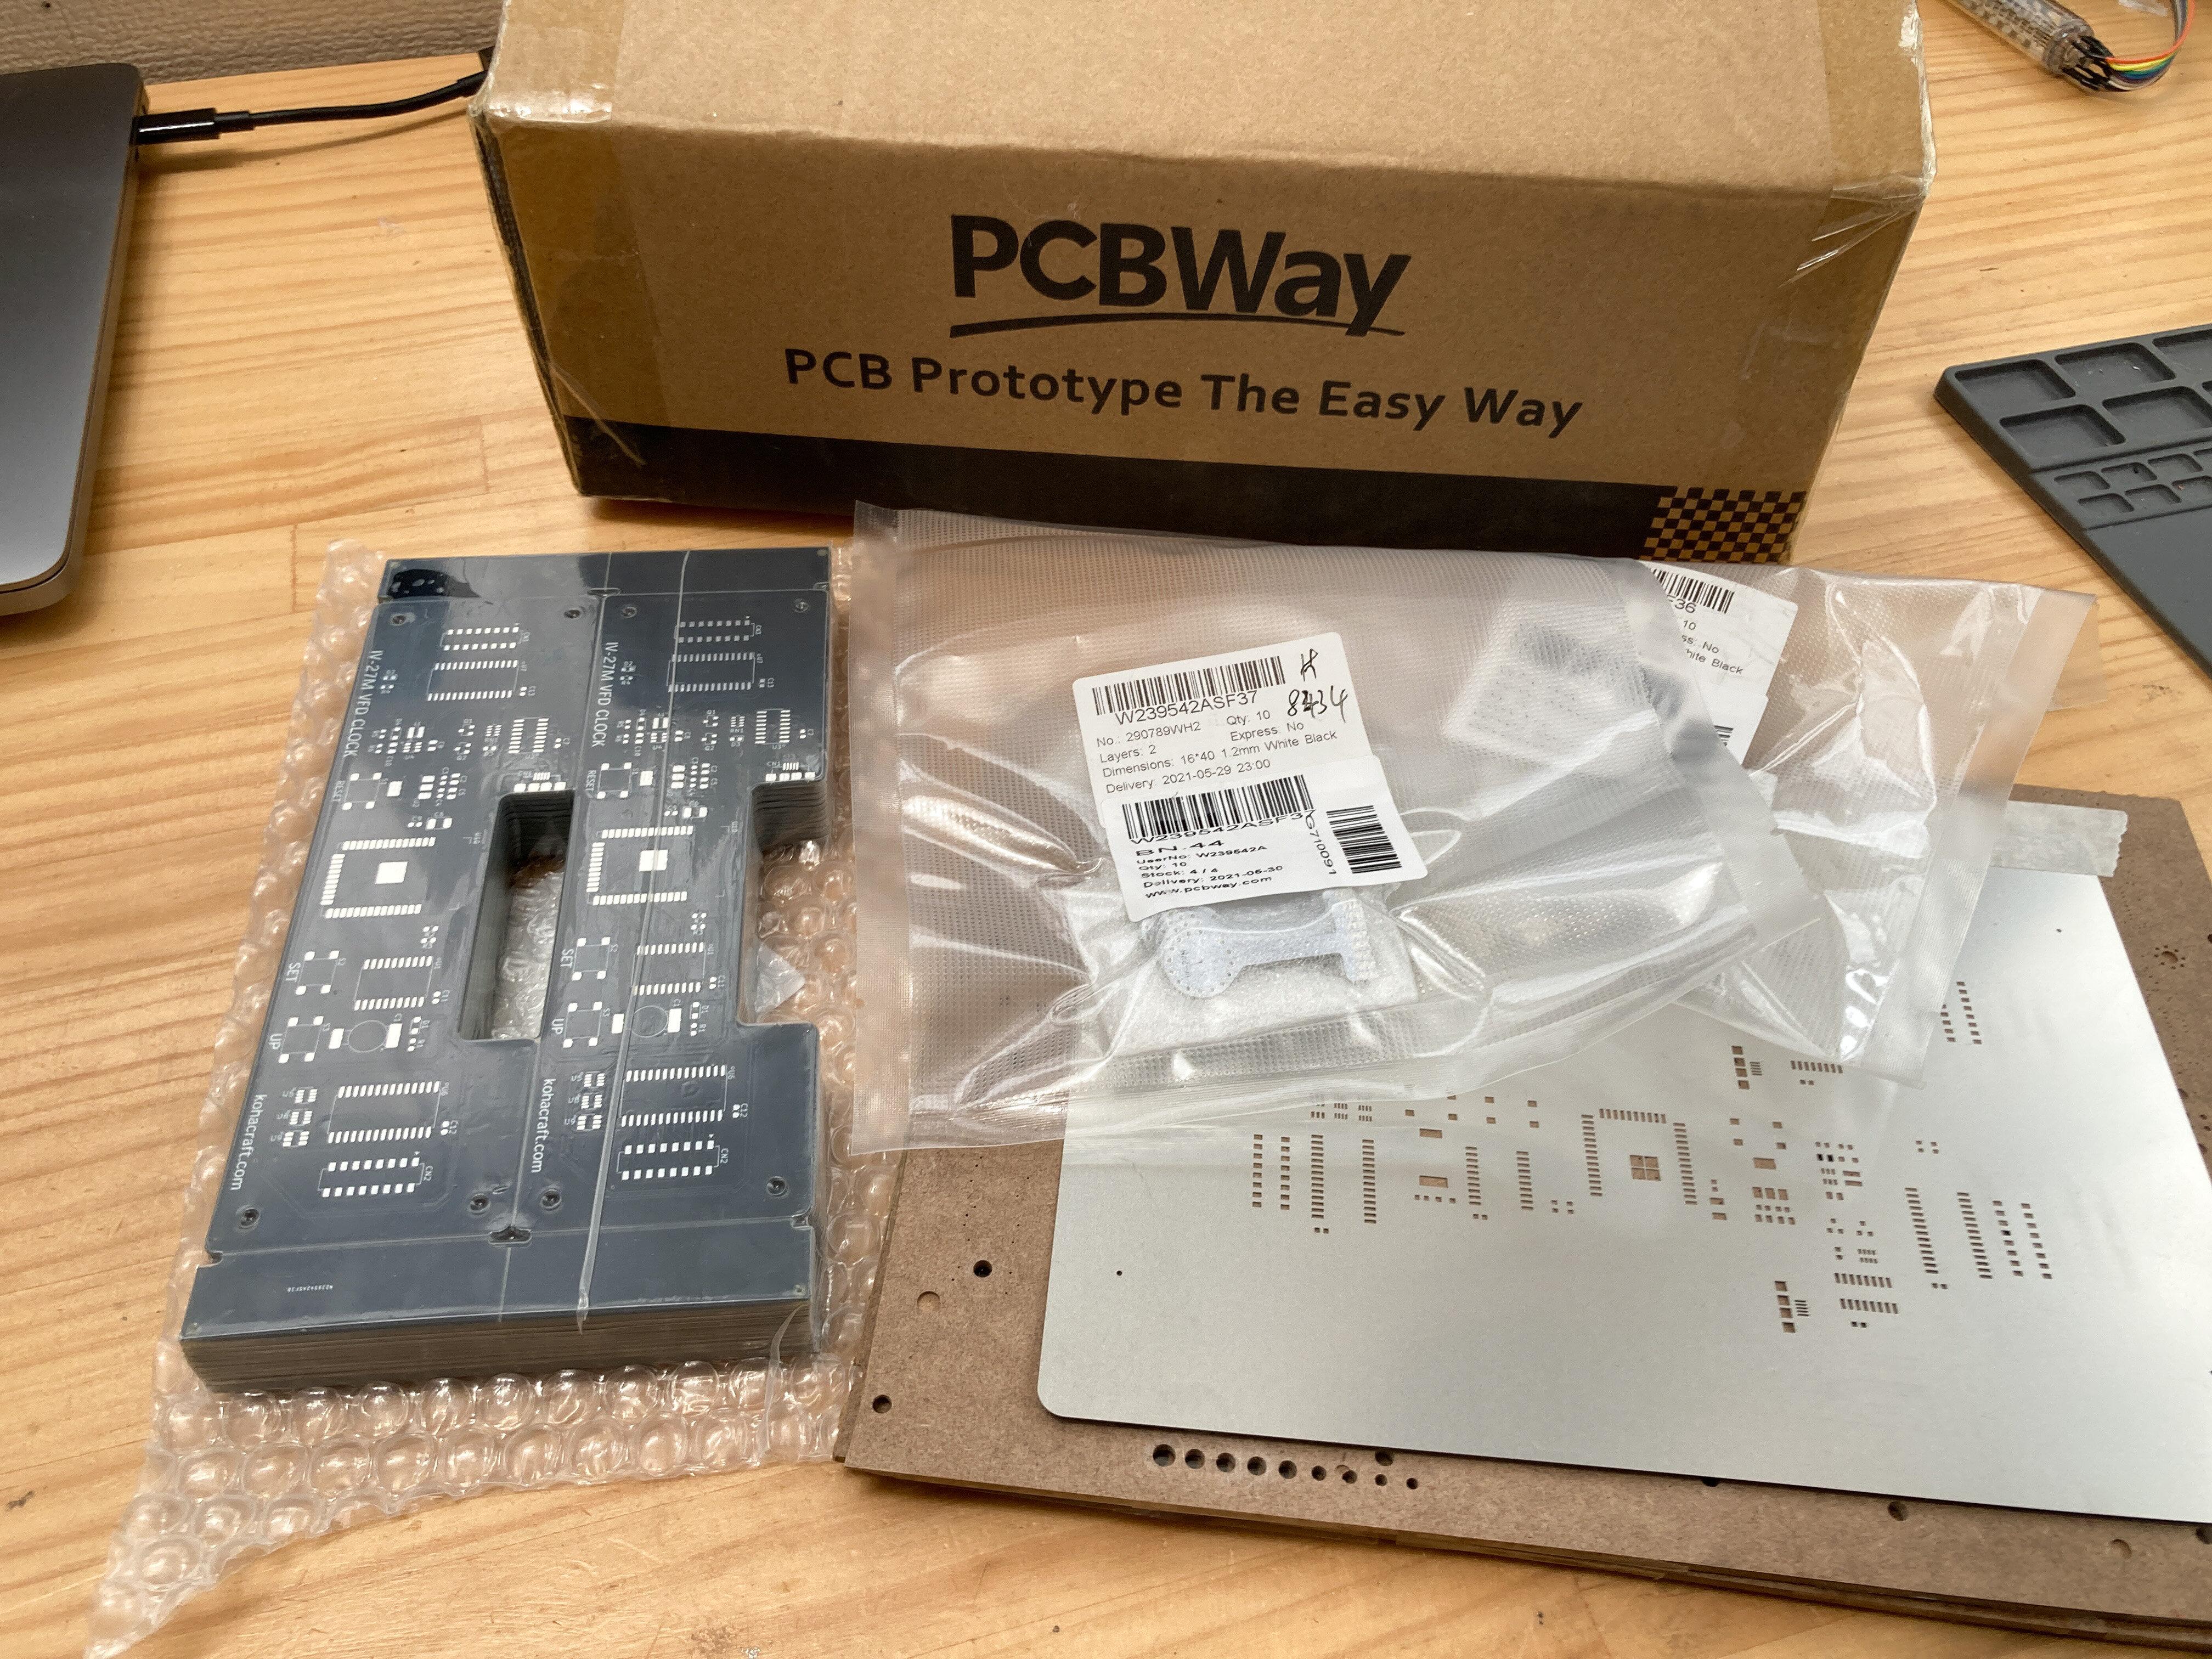 PCBWayから届いた基板